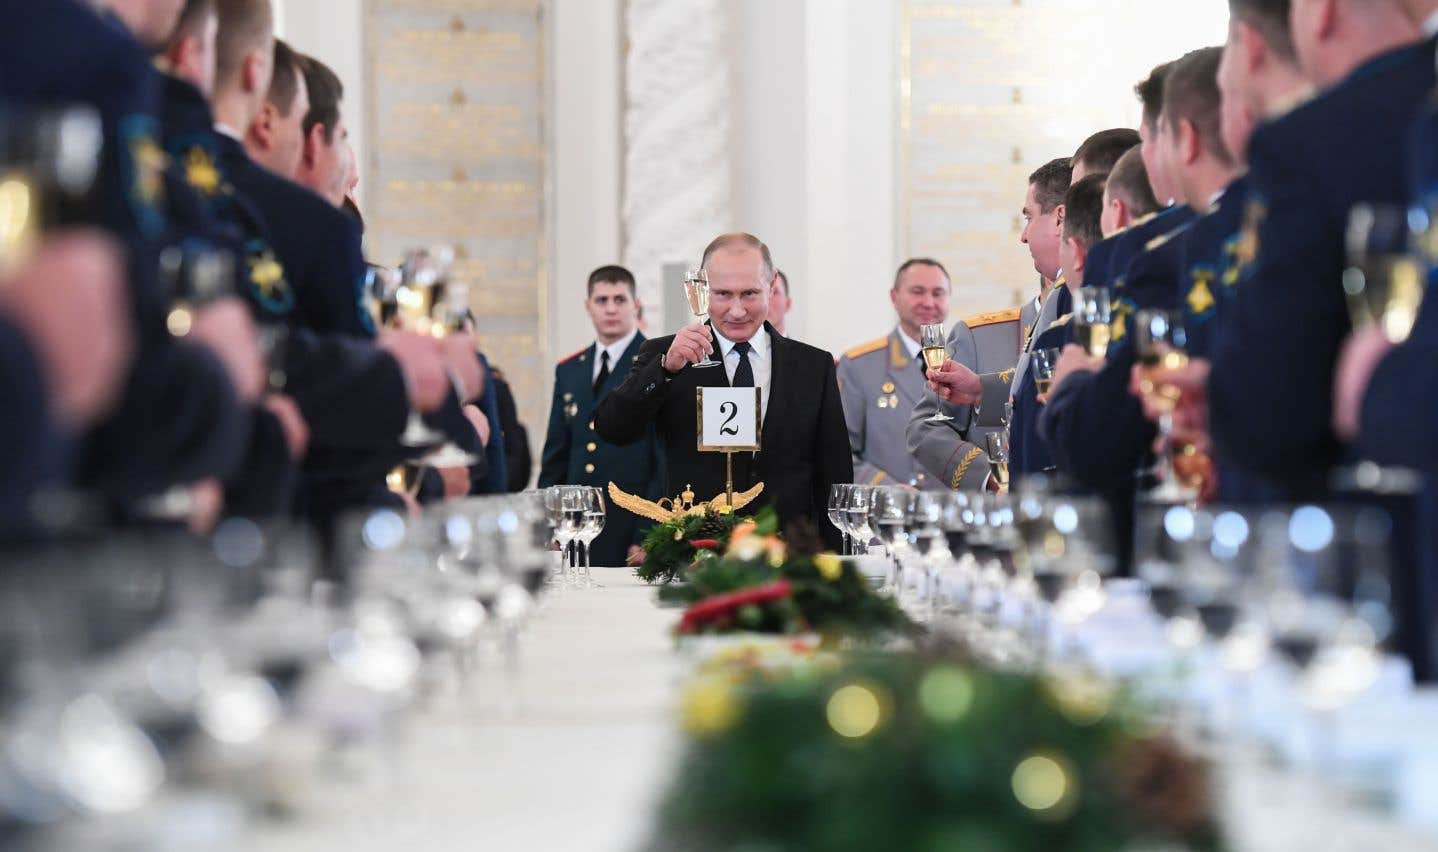 Poutine est devenu un tsar aux mille visages, fait de la multitude de conseillers, d'économistes, de courtisans, d'espions et d'hommes de main dans son orbite.